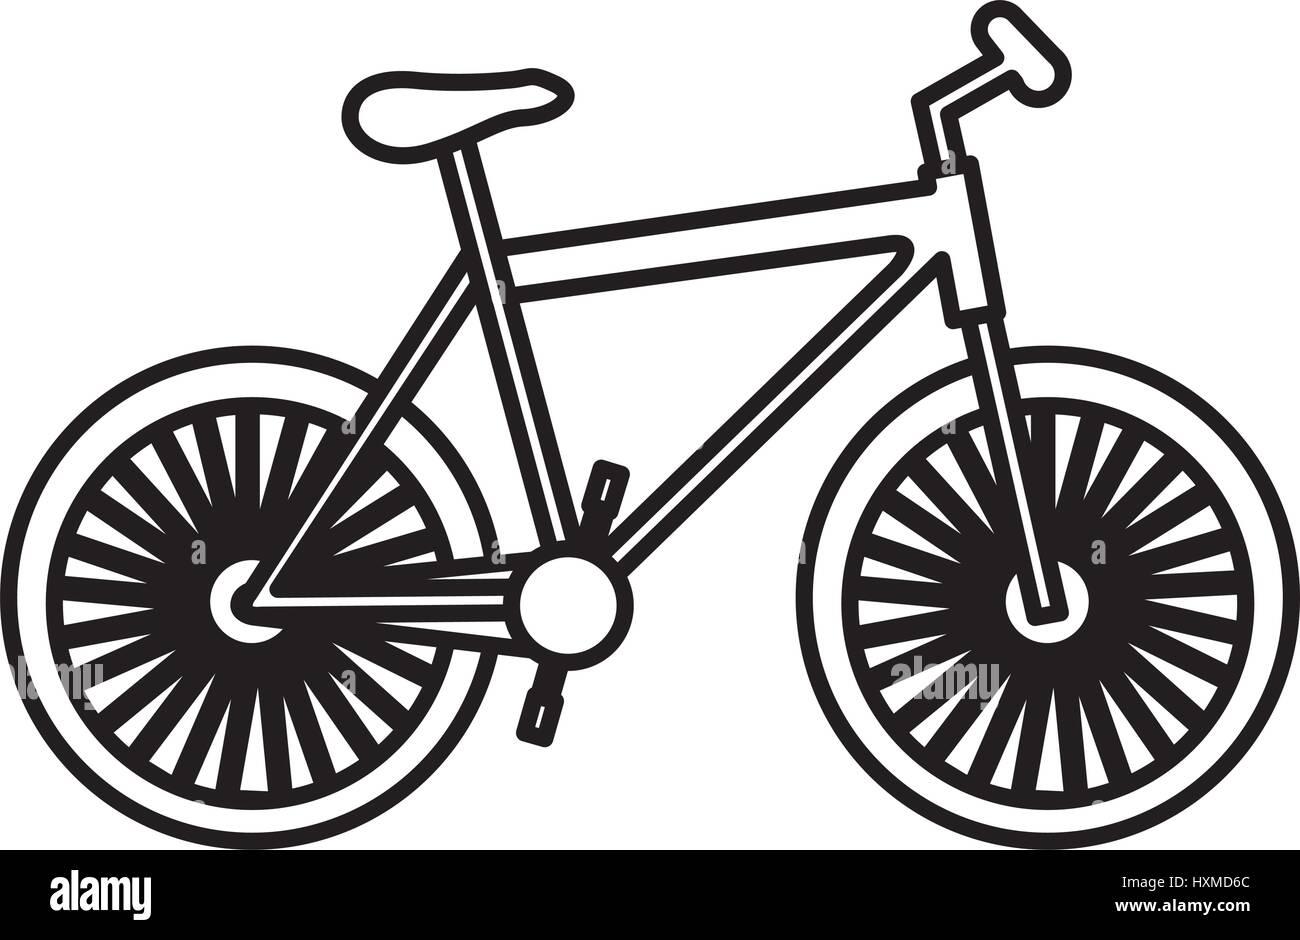 figure bicycle transportation image - Stock Image